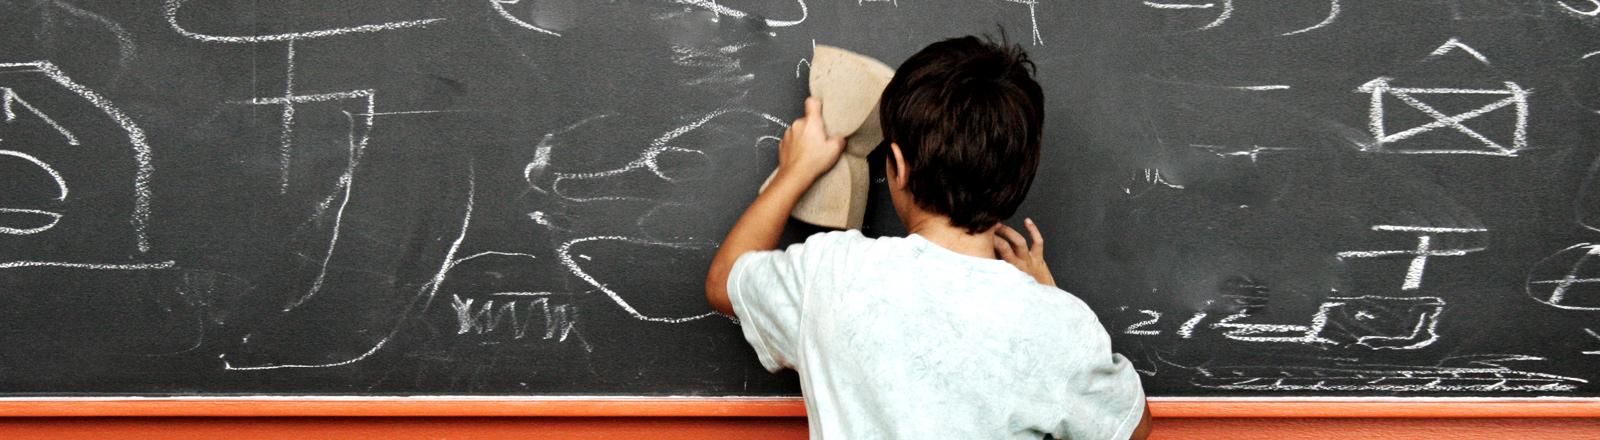 Ein Junge wischt eine Schultafel.